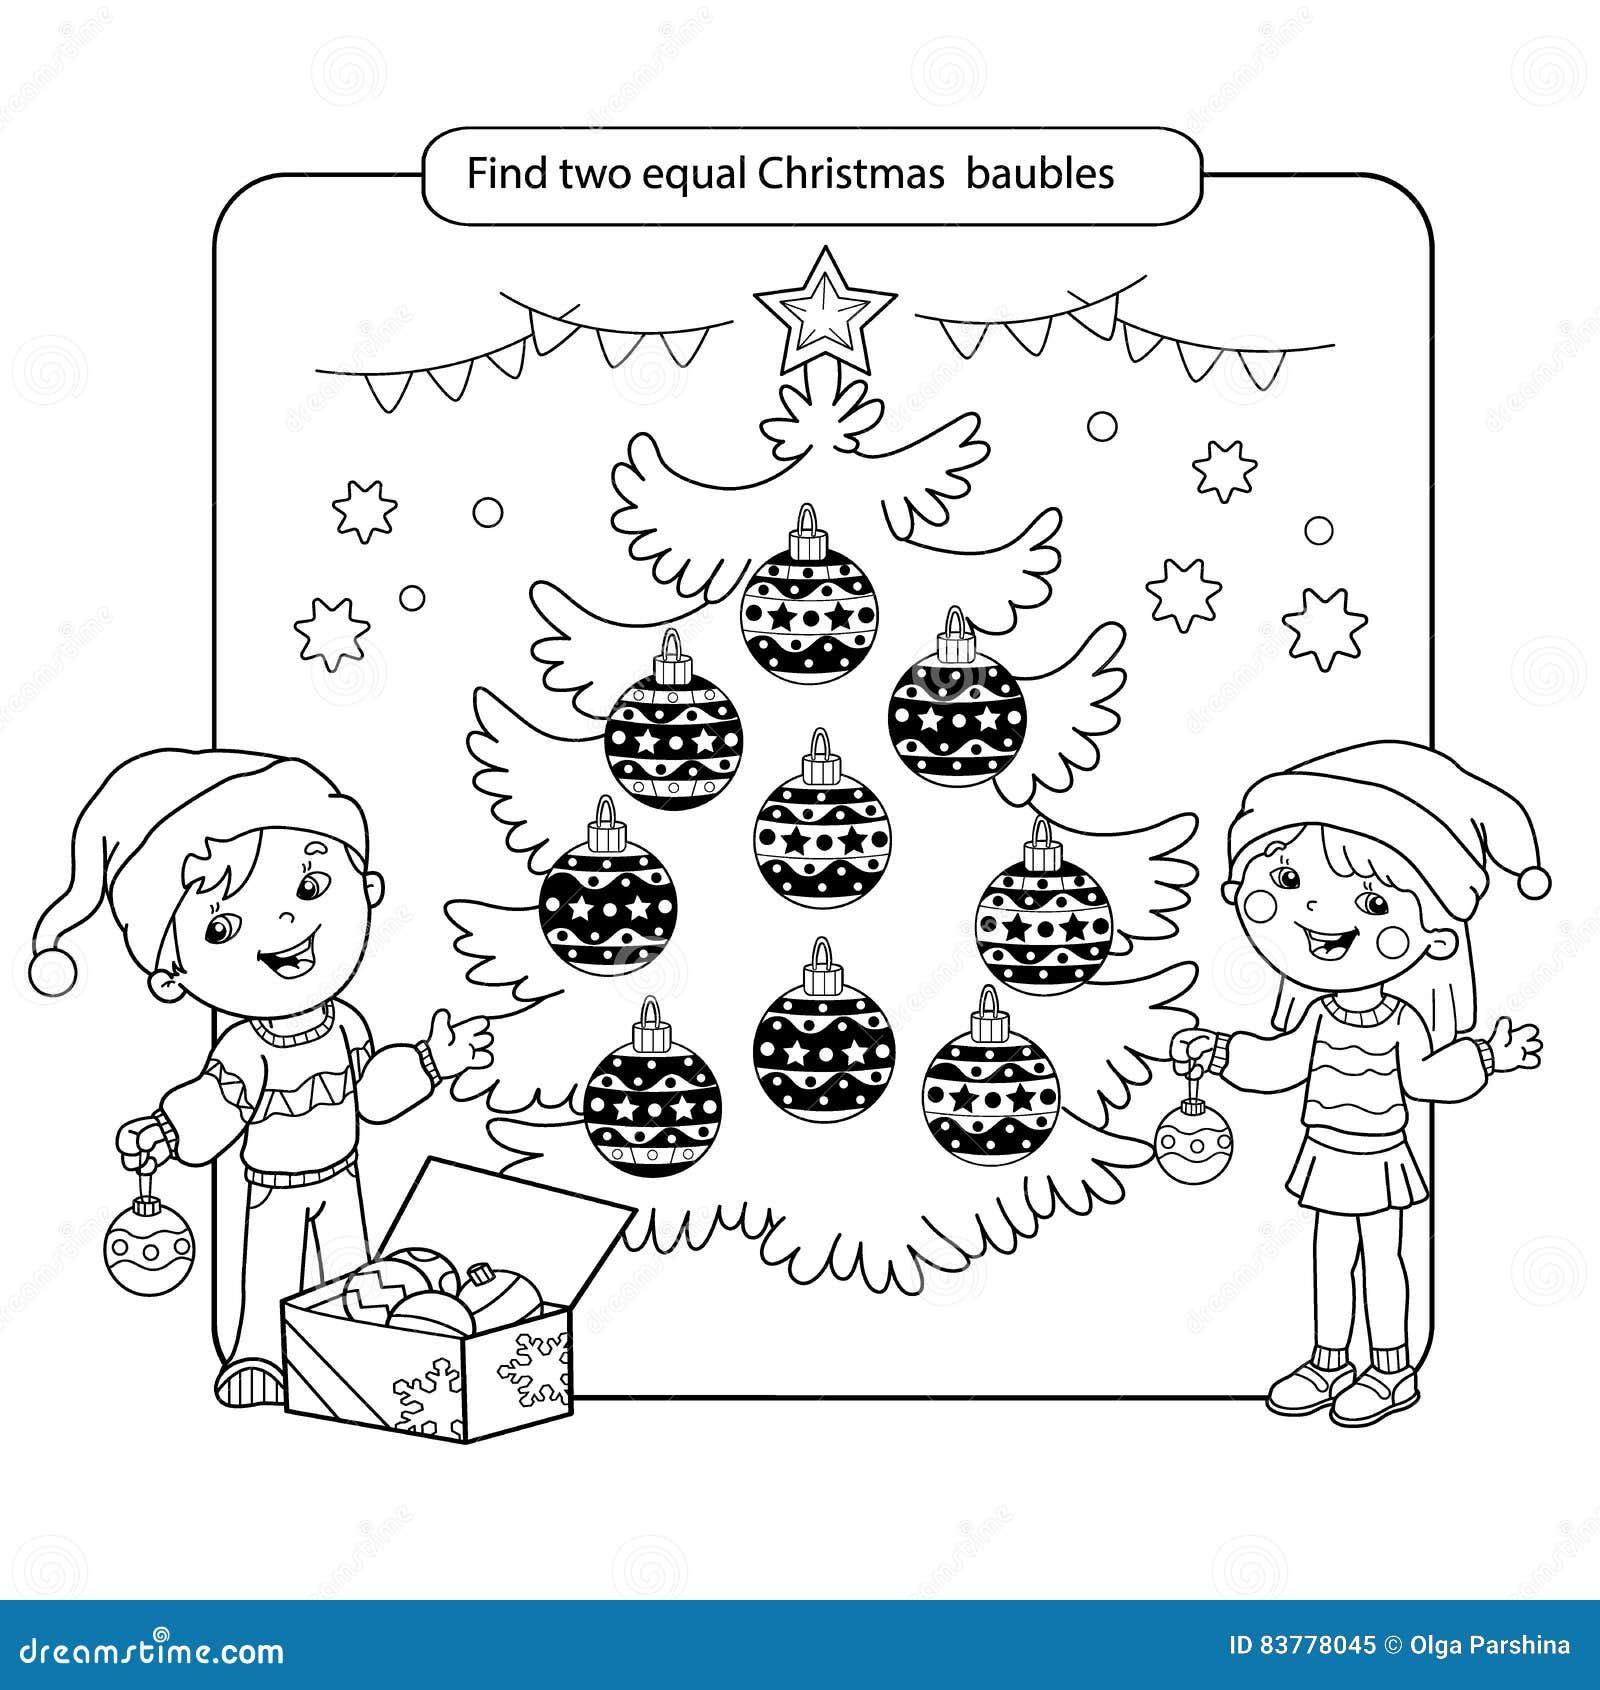 Puzzlespiel für Kinder Kinderpsychospiel Sortierte Sachen, zum des Matches zu finden Weihnachtskugeln eingestellt Farbtonseite fü